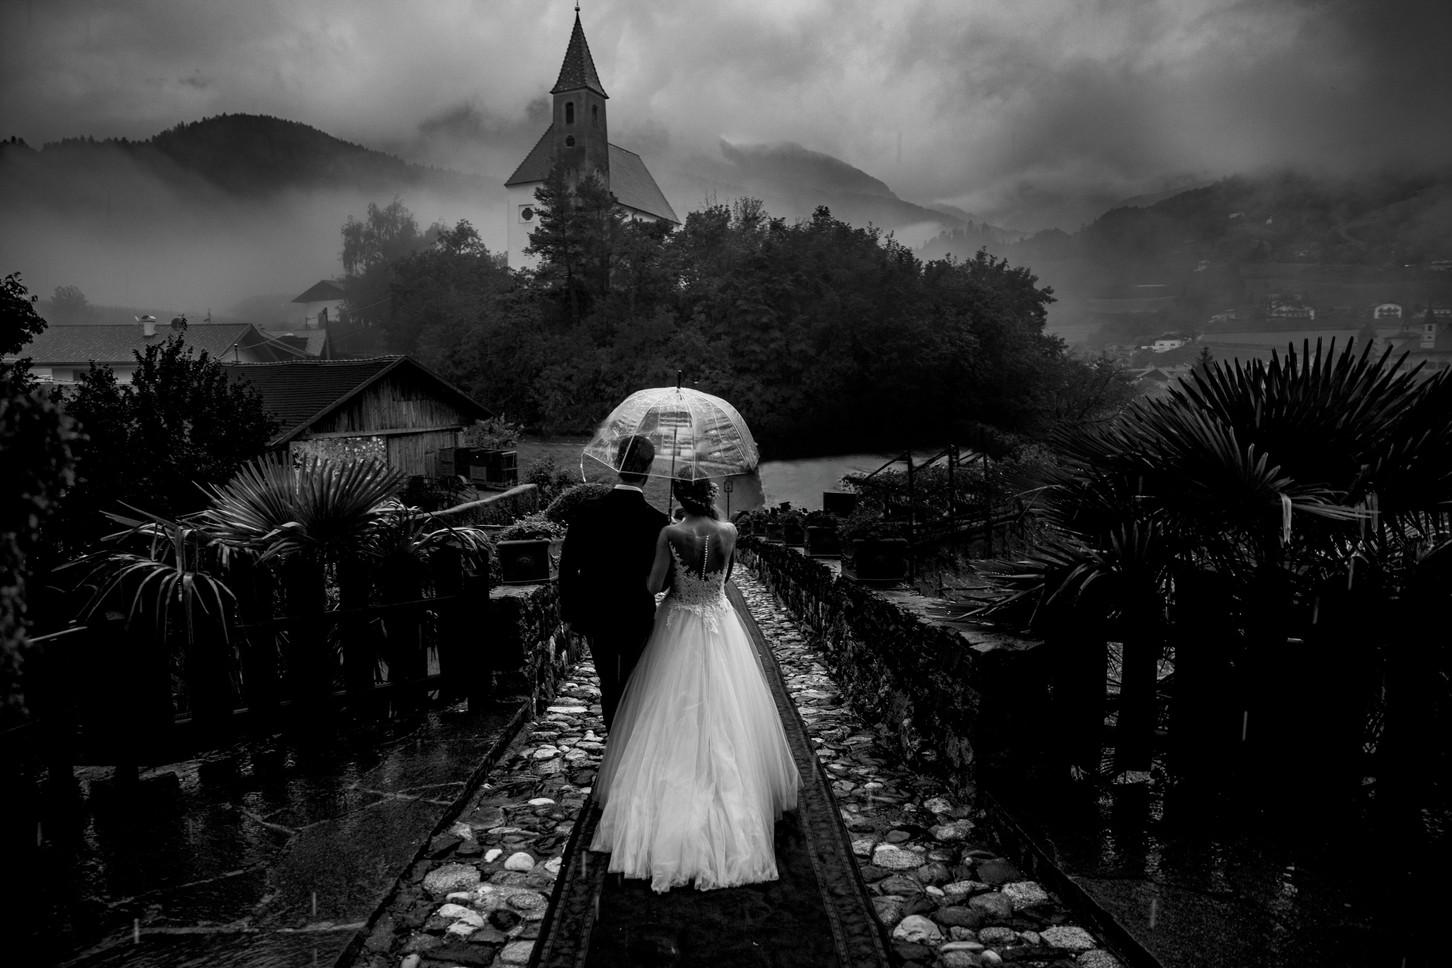 castel-katzenzunghen-matrimonio